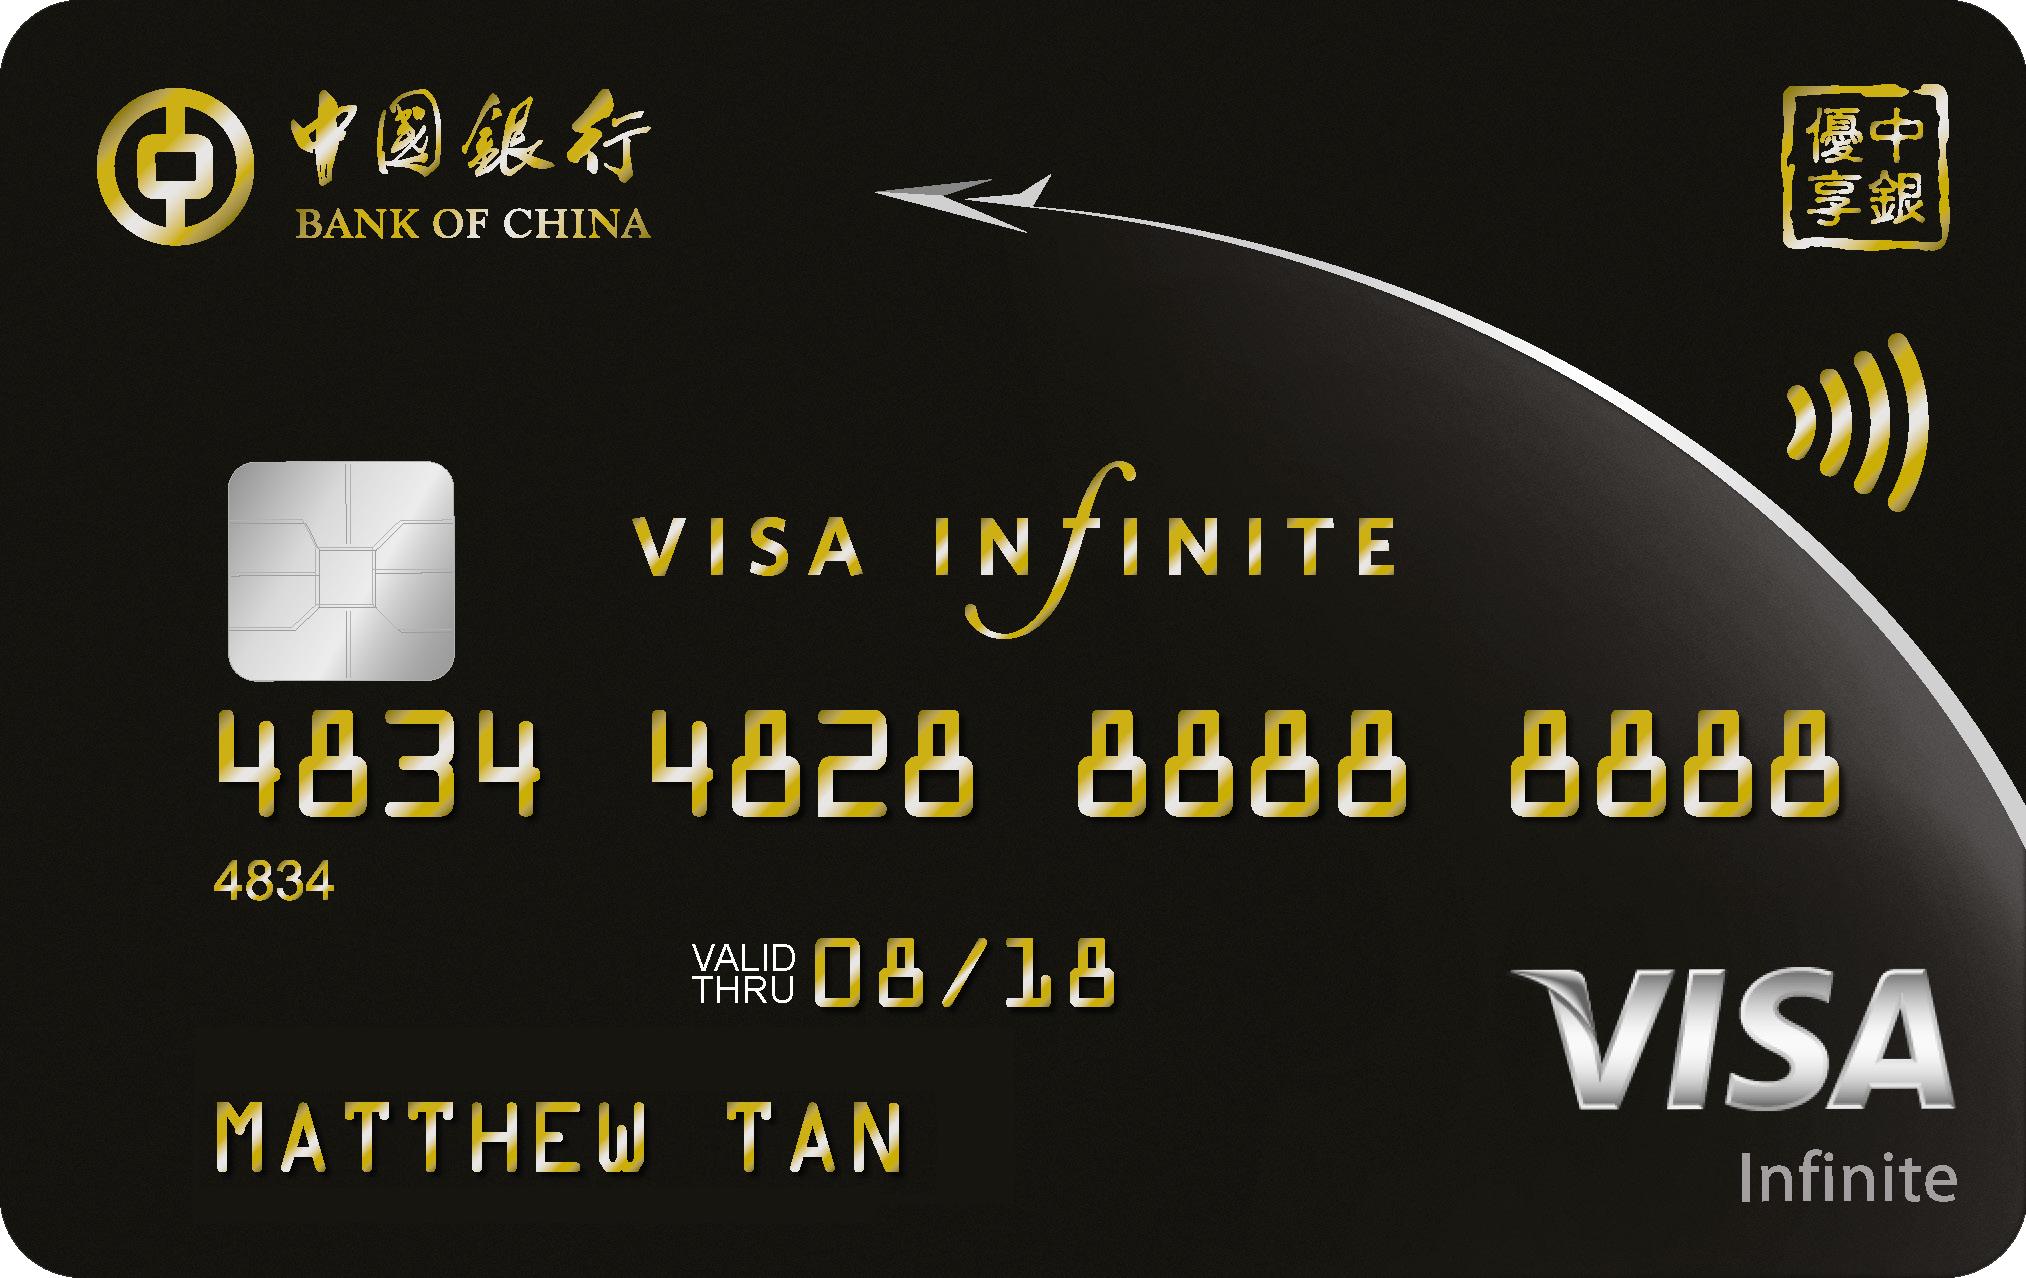 BOC Visa Infinite Promos